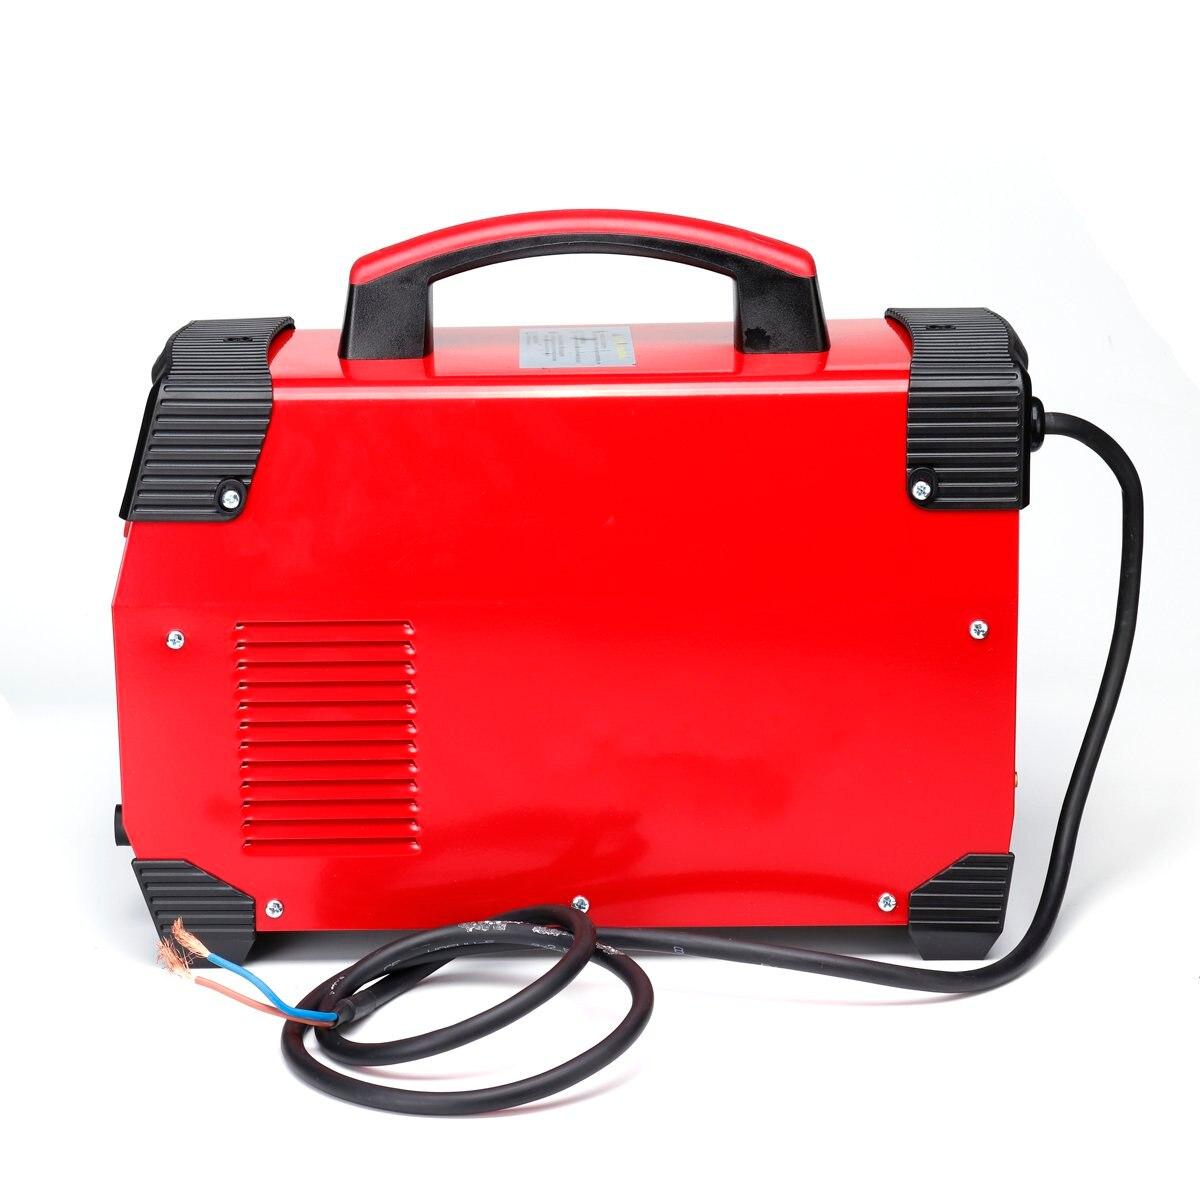 Neueste 220V 7700W 2IN1 TIG/ARC Elektrische Schweißen Maschine 20-250A MMA IGBT STICK Inverter Für Schweißen Arbeits und Elektrische Arbeits